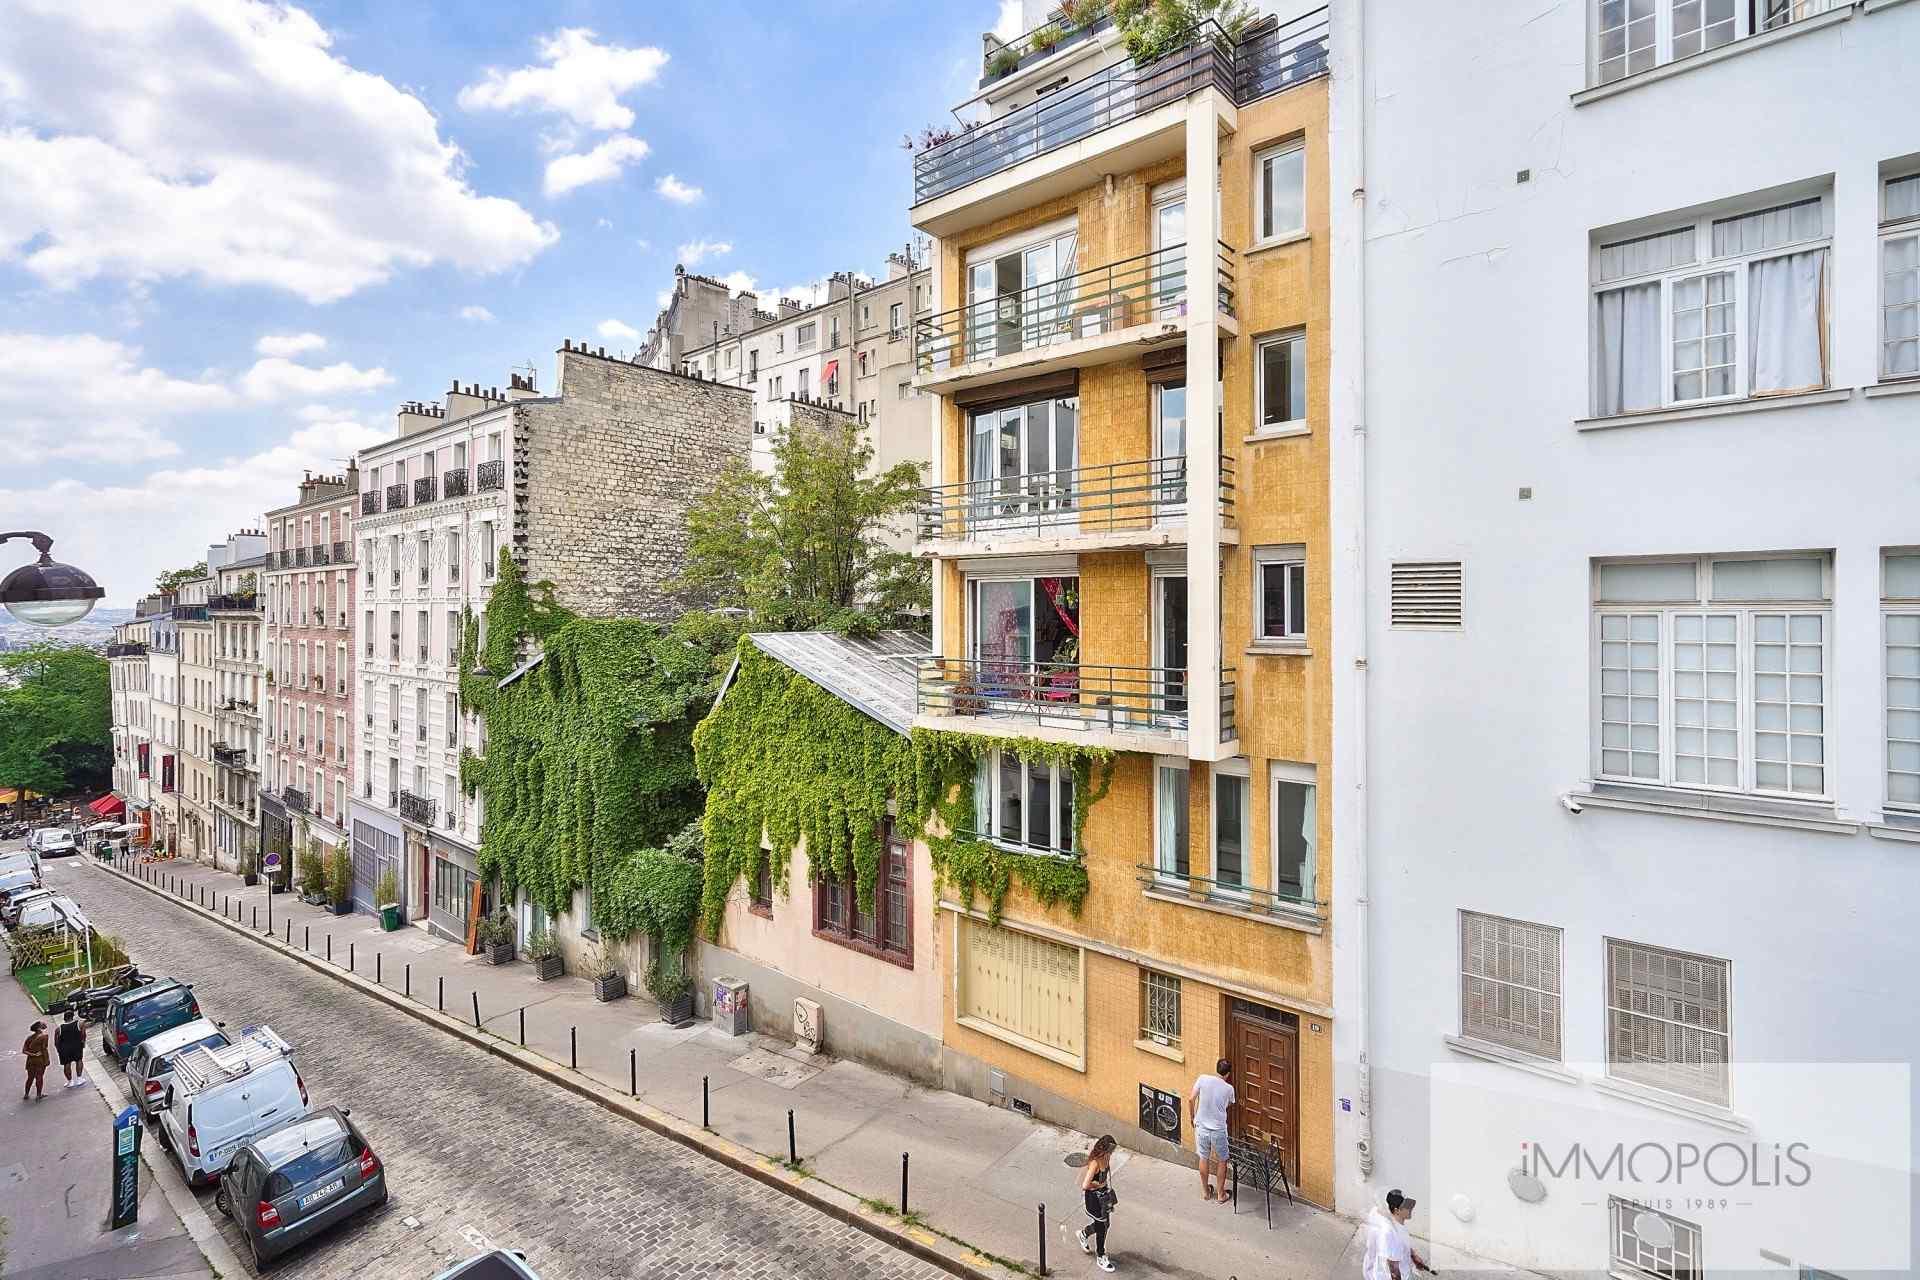 Montmartre-Street Paul Albert. 1